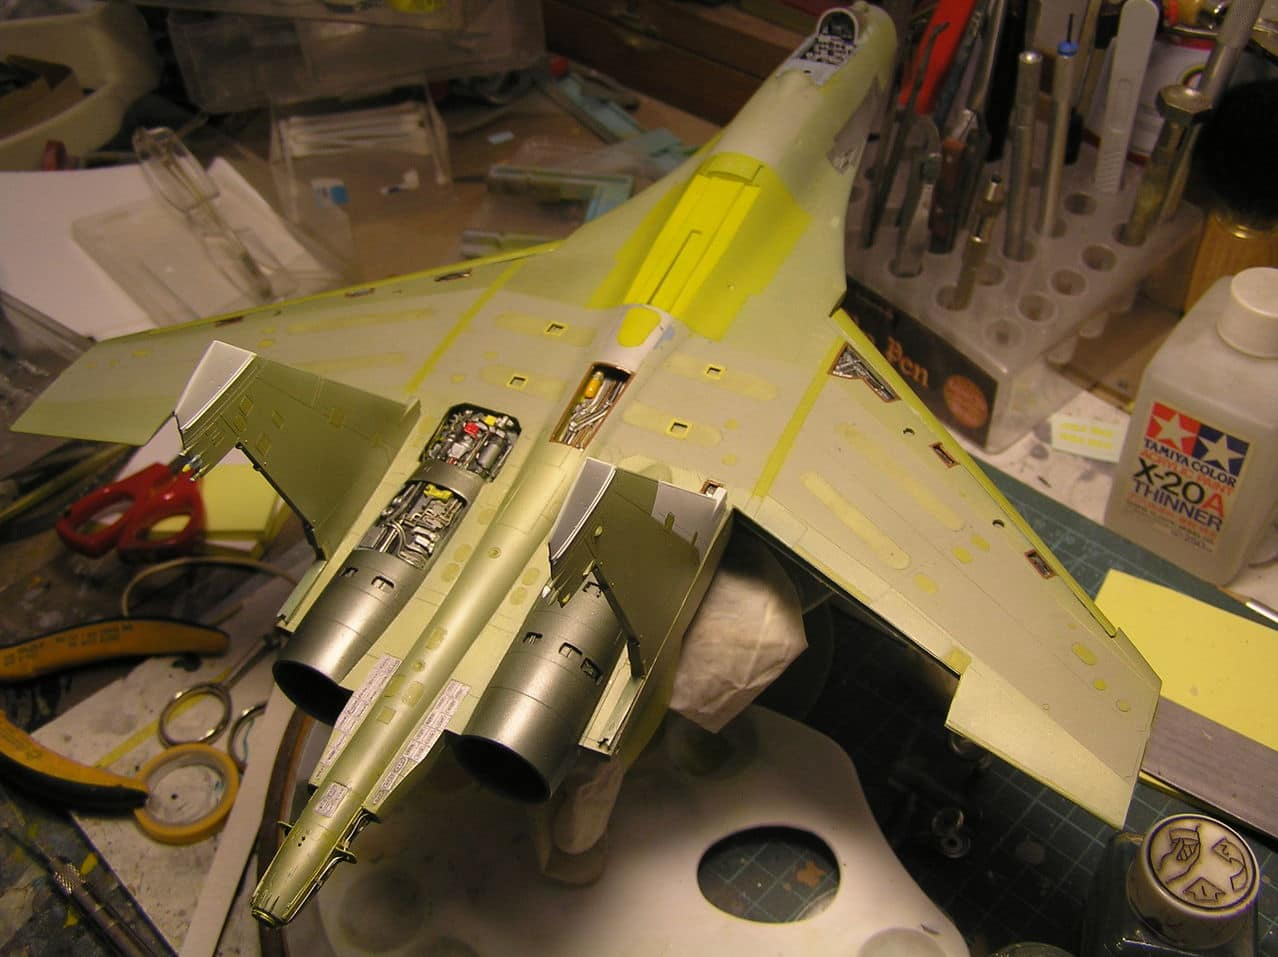 ...καπως ετσι αρχισαν ολα...Su-27  και τα μυαλα στα καγκελα... - Σελίδα 3 P1010187